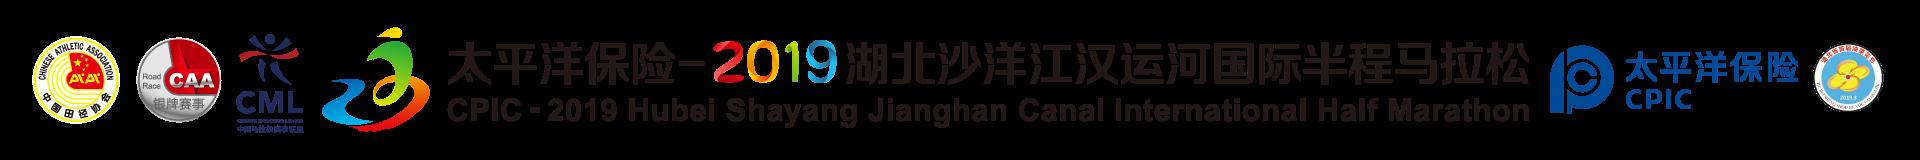 太平洋保险-2019湖北沙洋江汉运河国际半程马拉松赛